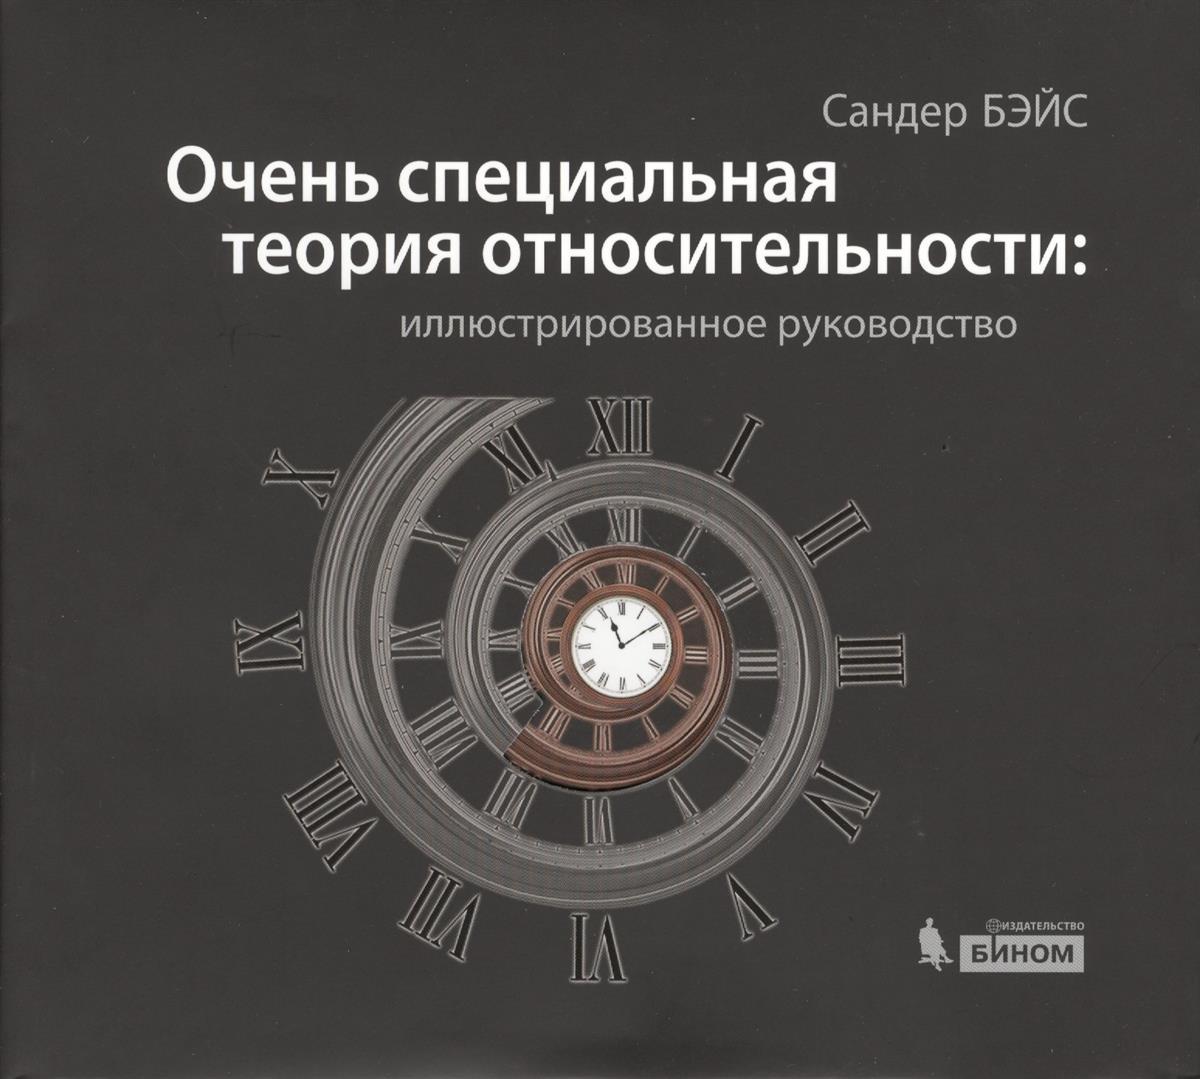 Бэйс С. Очень специальная теория относительности: иллюстрированное руководство угаров в а специальная теория относительности